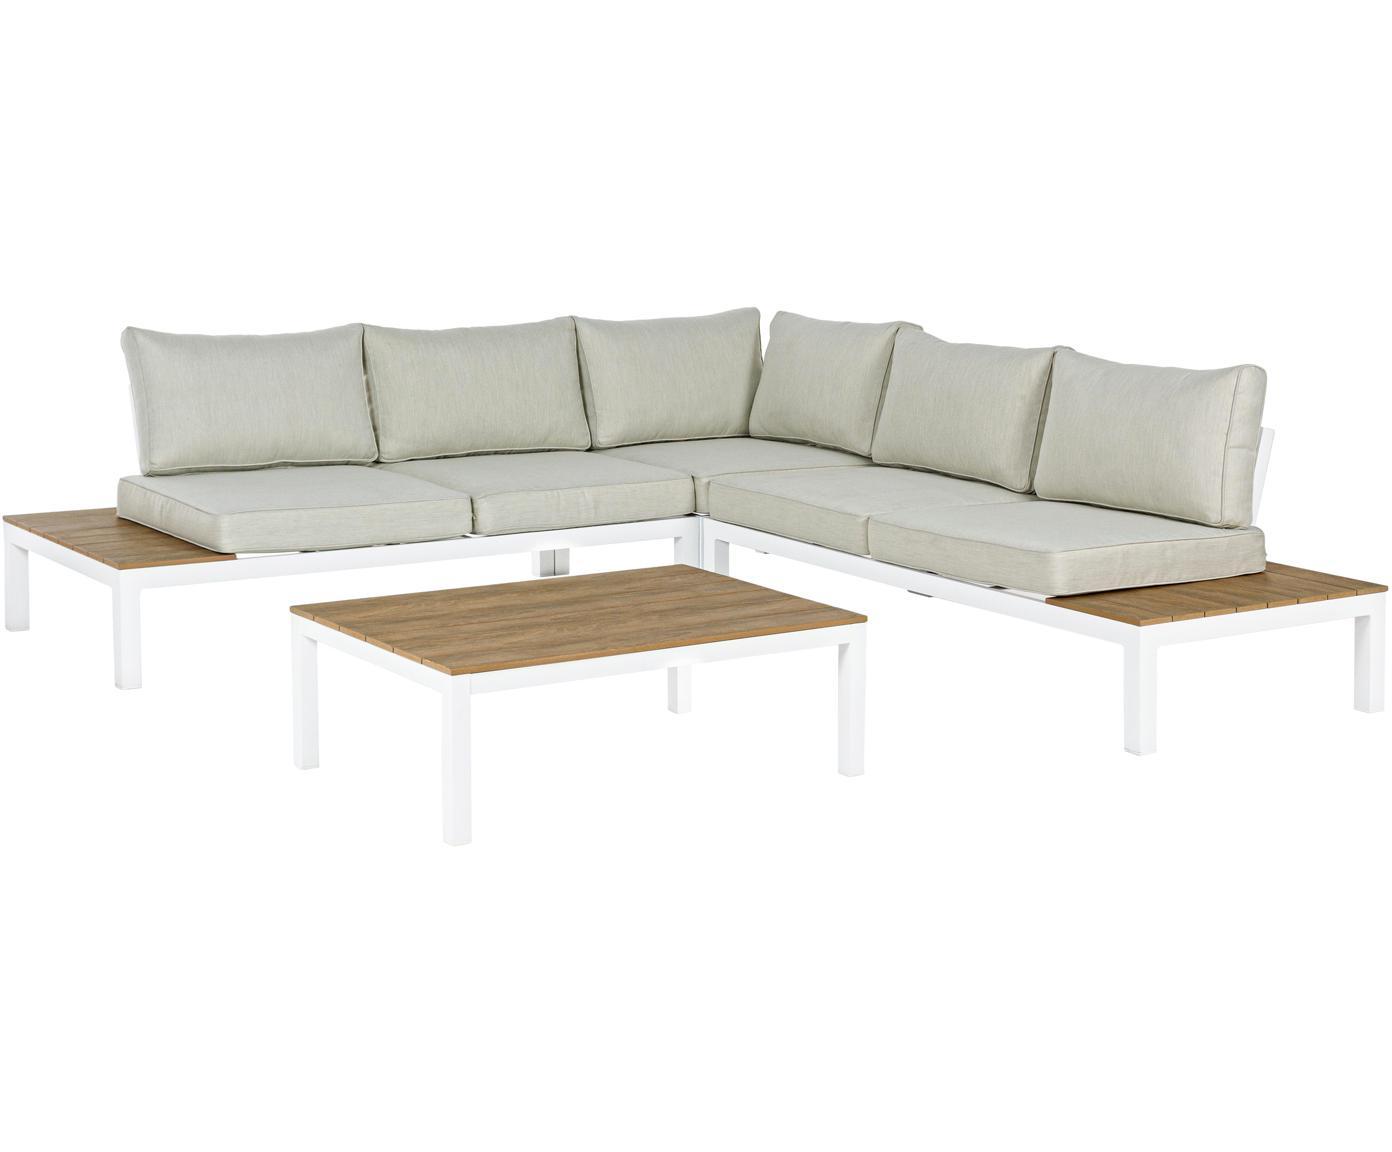 Salotto da giardino Elias 4 pz, Struttura: alluminio verniciato a po, Seduta: compensato, rivestito, Bianco, legno di teak, beige, Diverse dimensioni